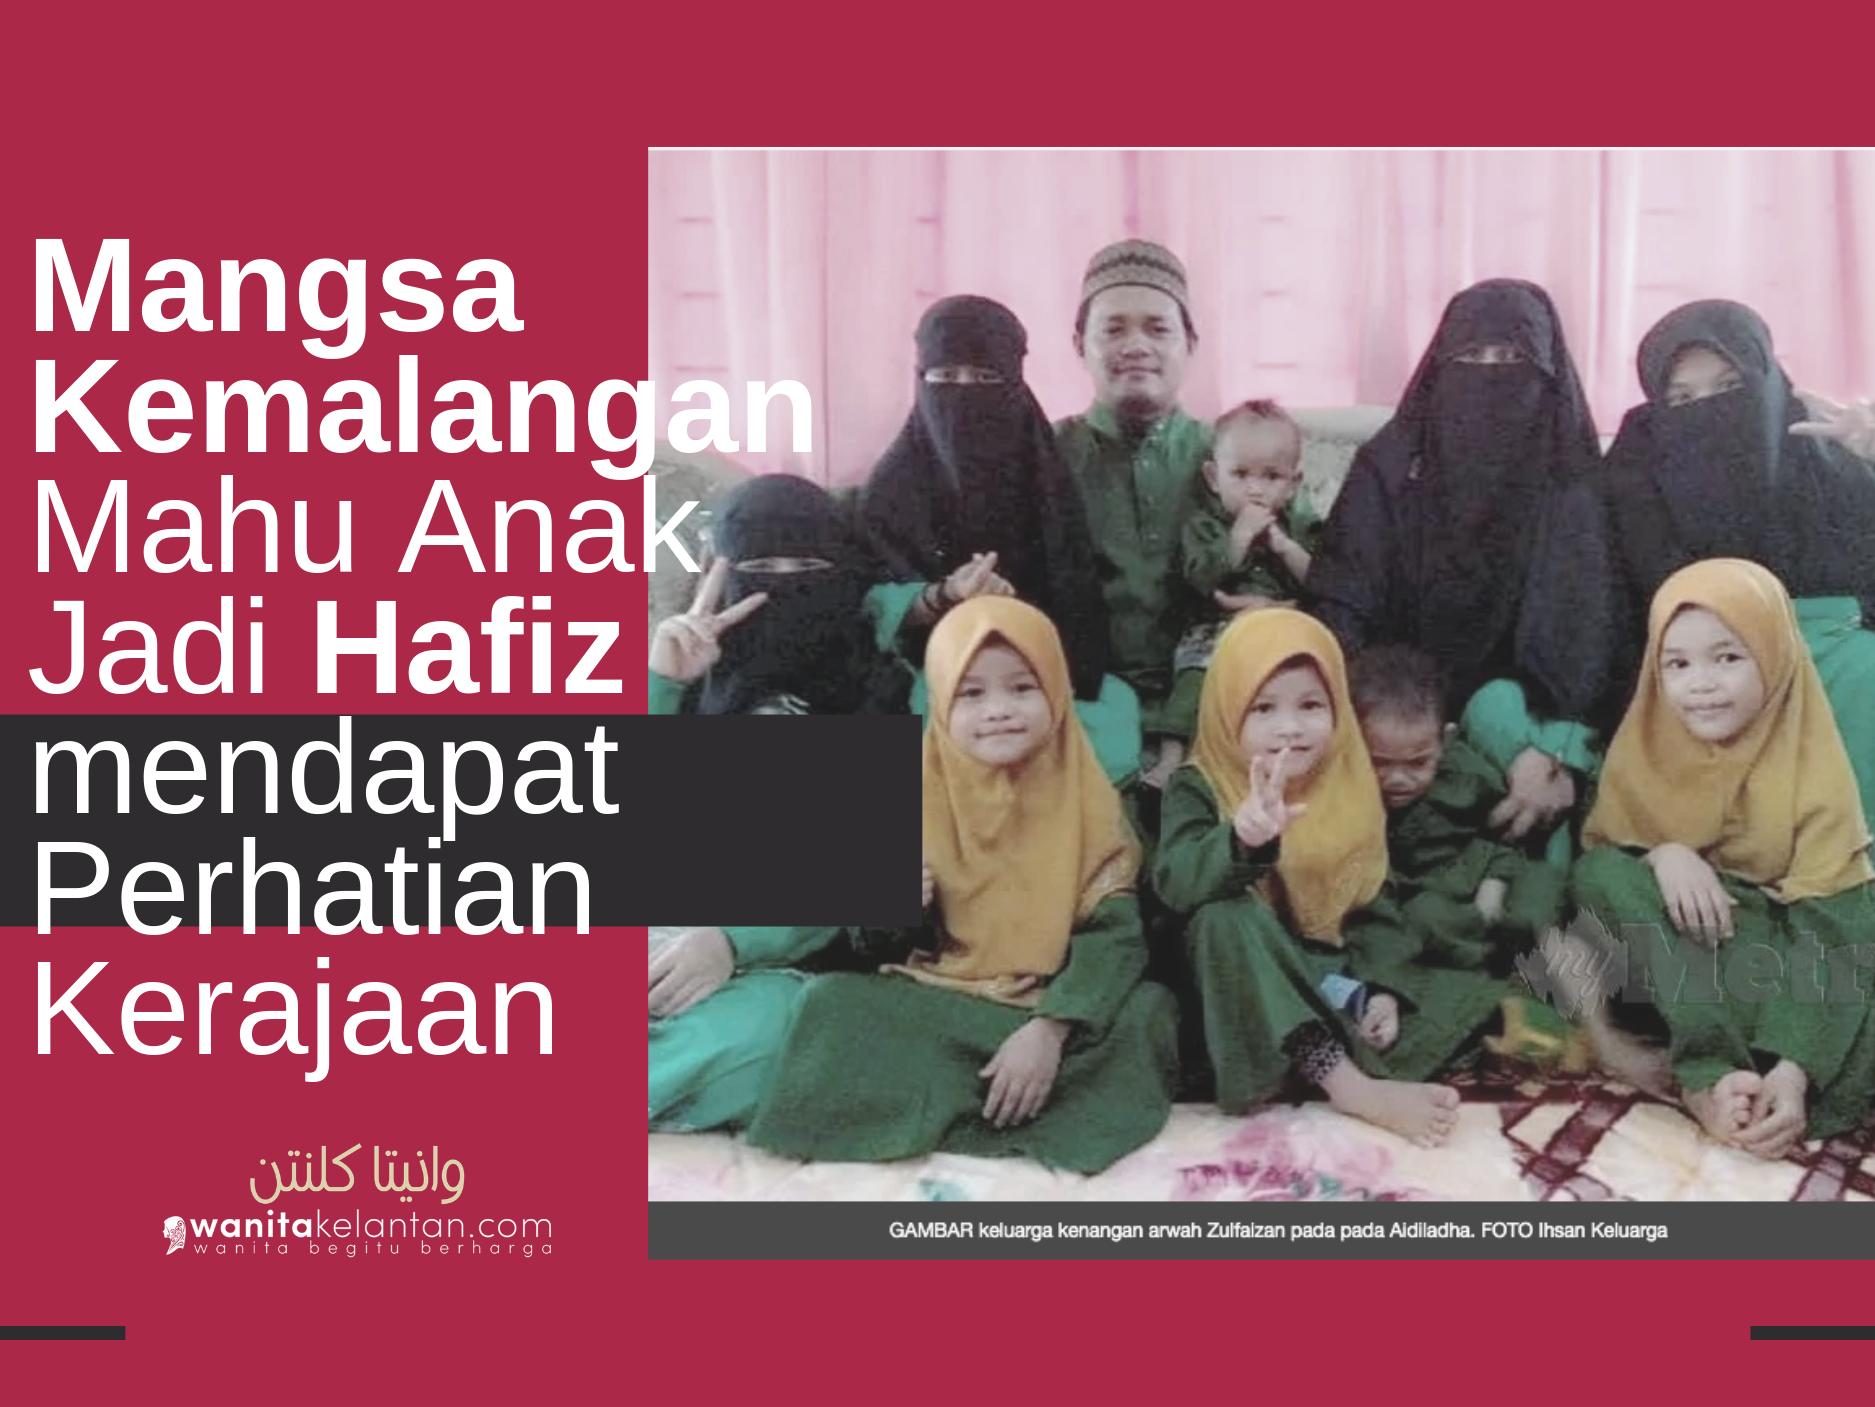 Mangsa Kemalangan Mahu Anak Jadi Hafiz Mendapat Perhatian Kerajaan Negeri